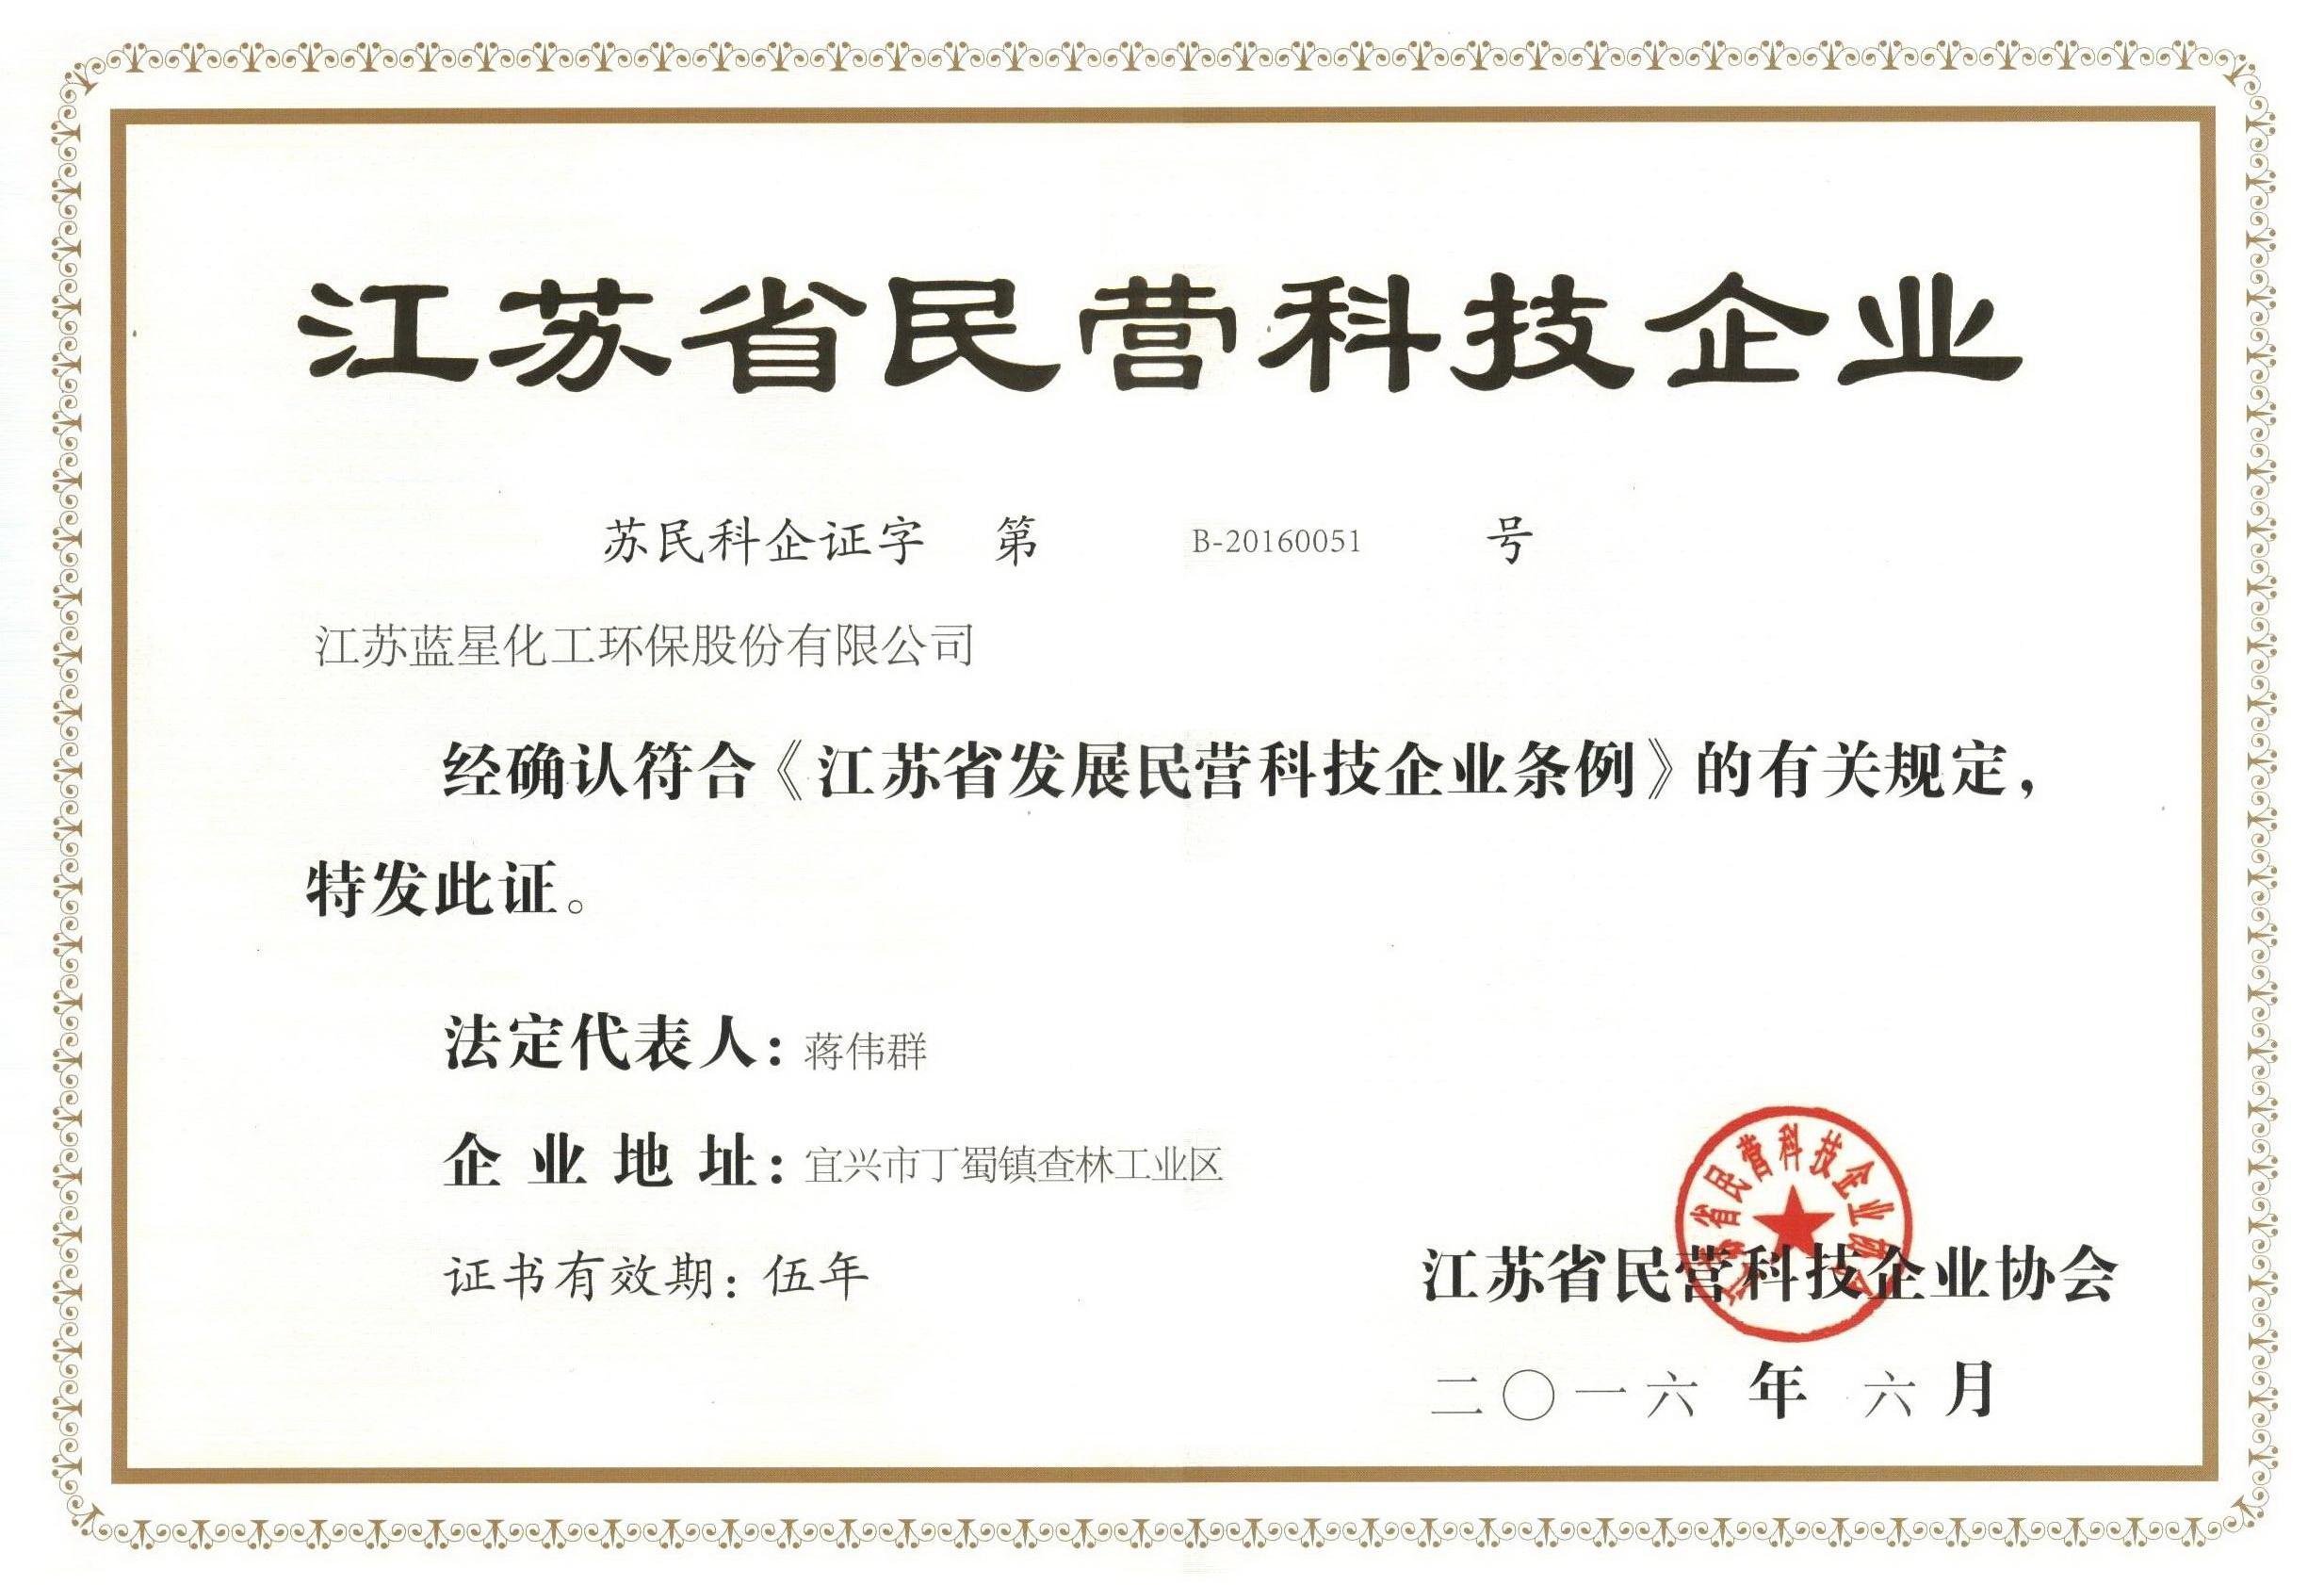 蓝必盛-职业健康安全管理体系认证证书(中文)